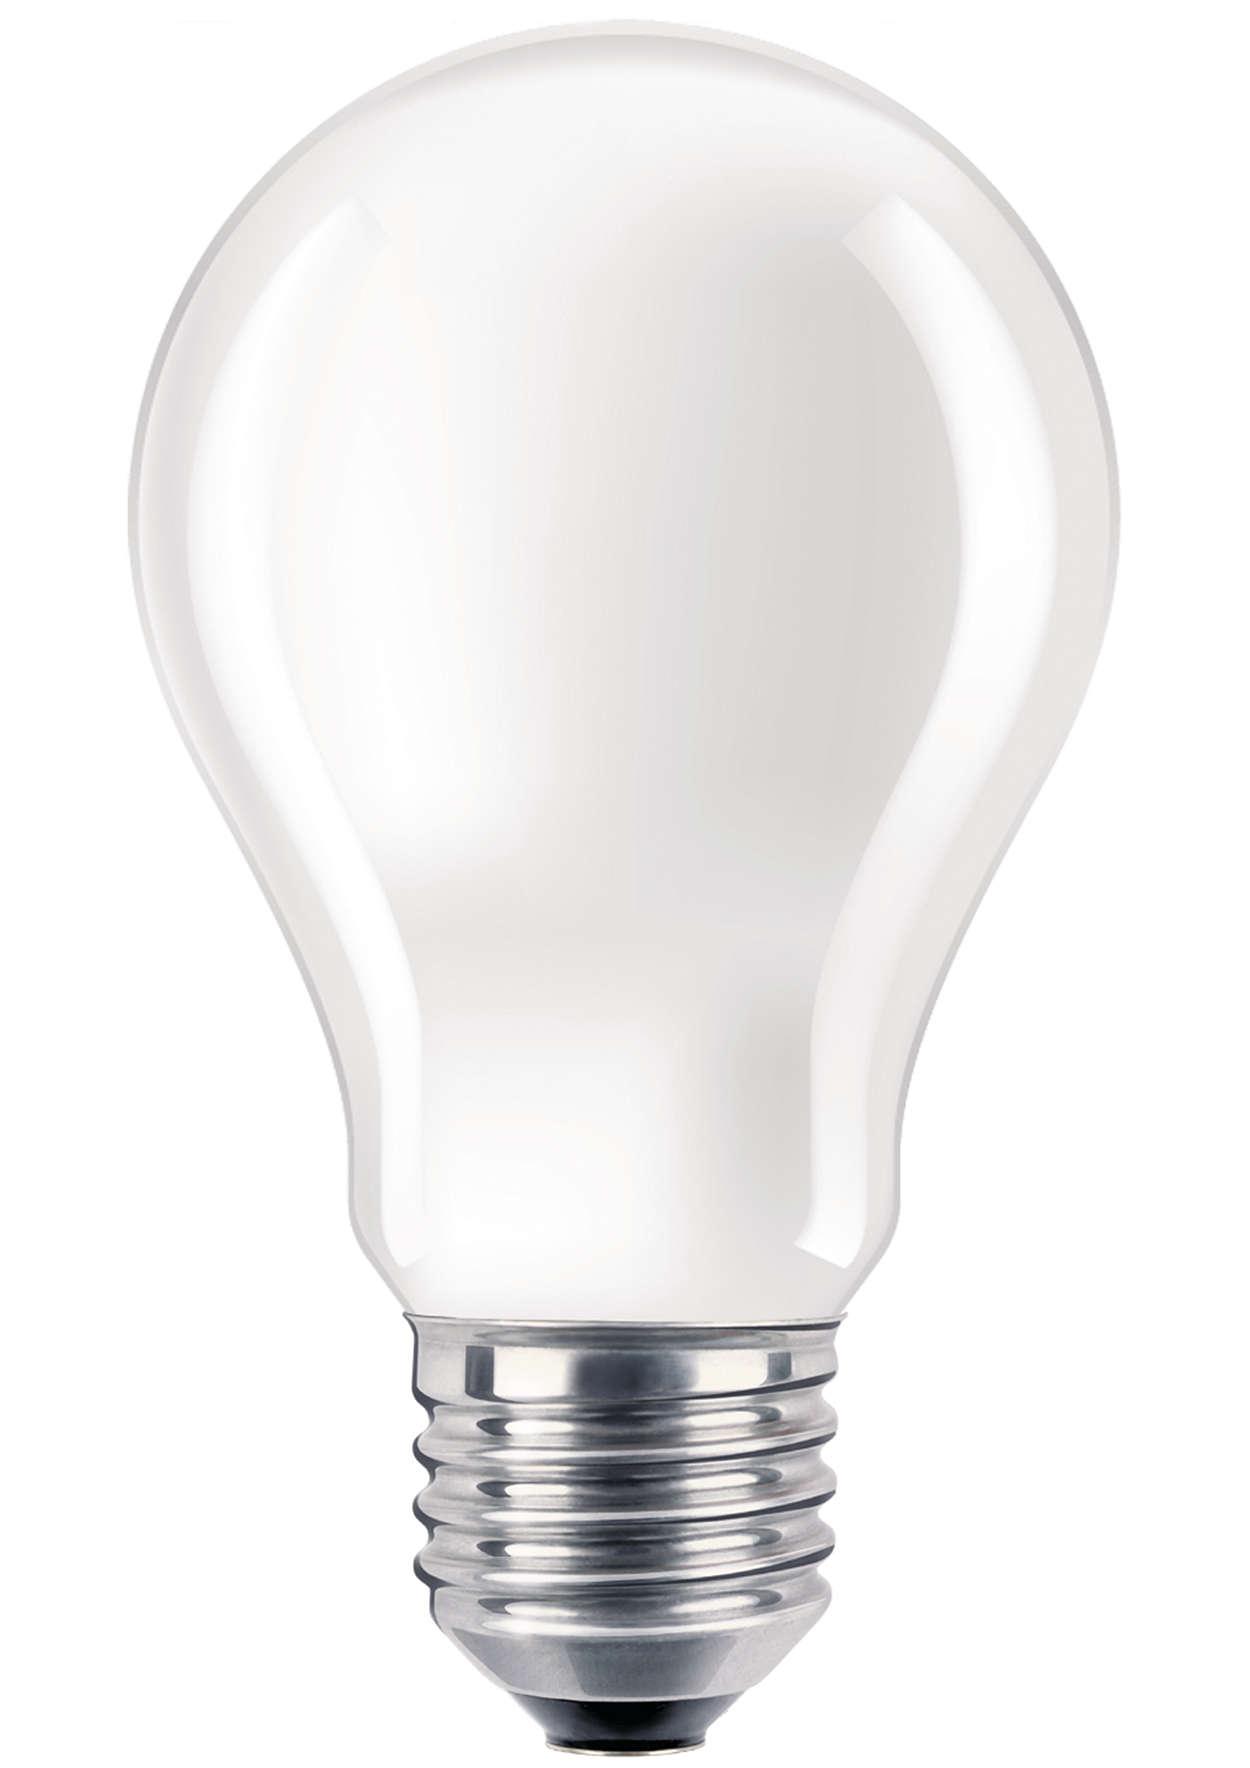 Forstærket GLS-lampe til krævende anvendelsesformål